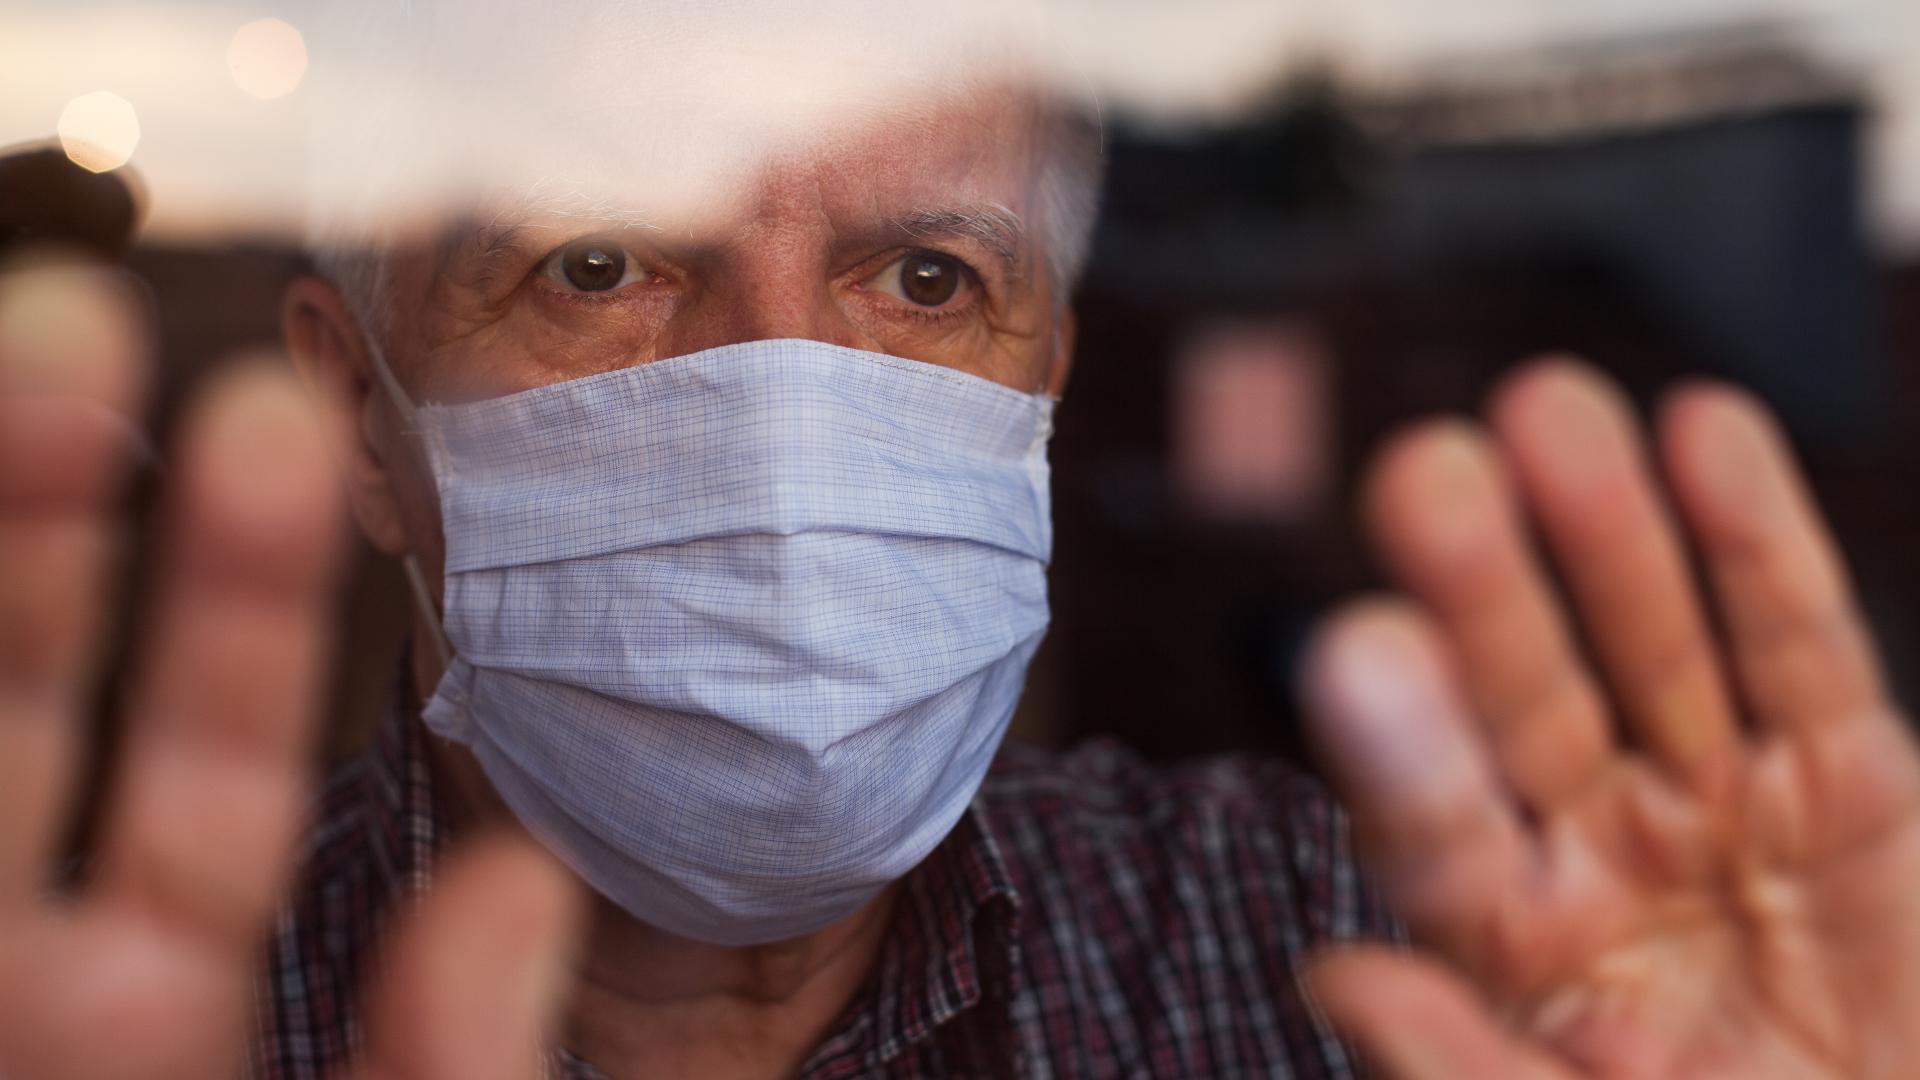 Epidemia-aikana tulee ottaa huomioon myös asukkaiden mahdollisen  karanteenin vaikutus rakennushankkeelle